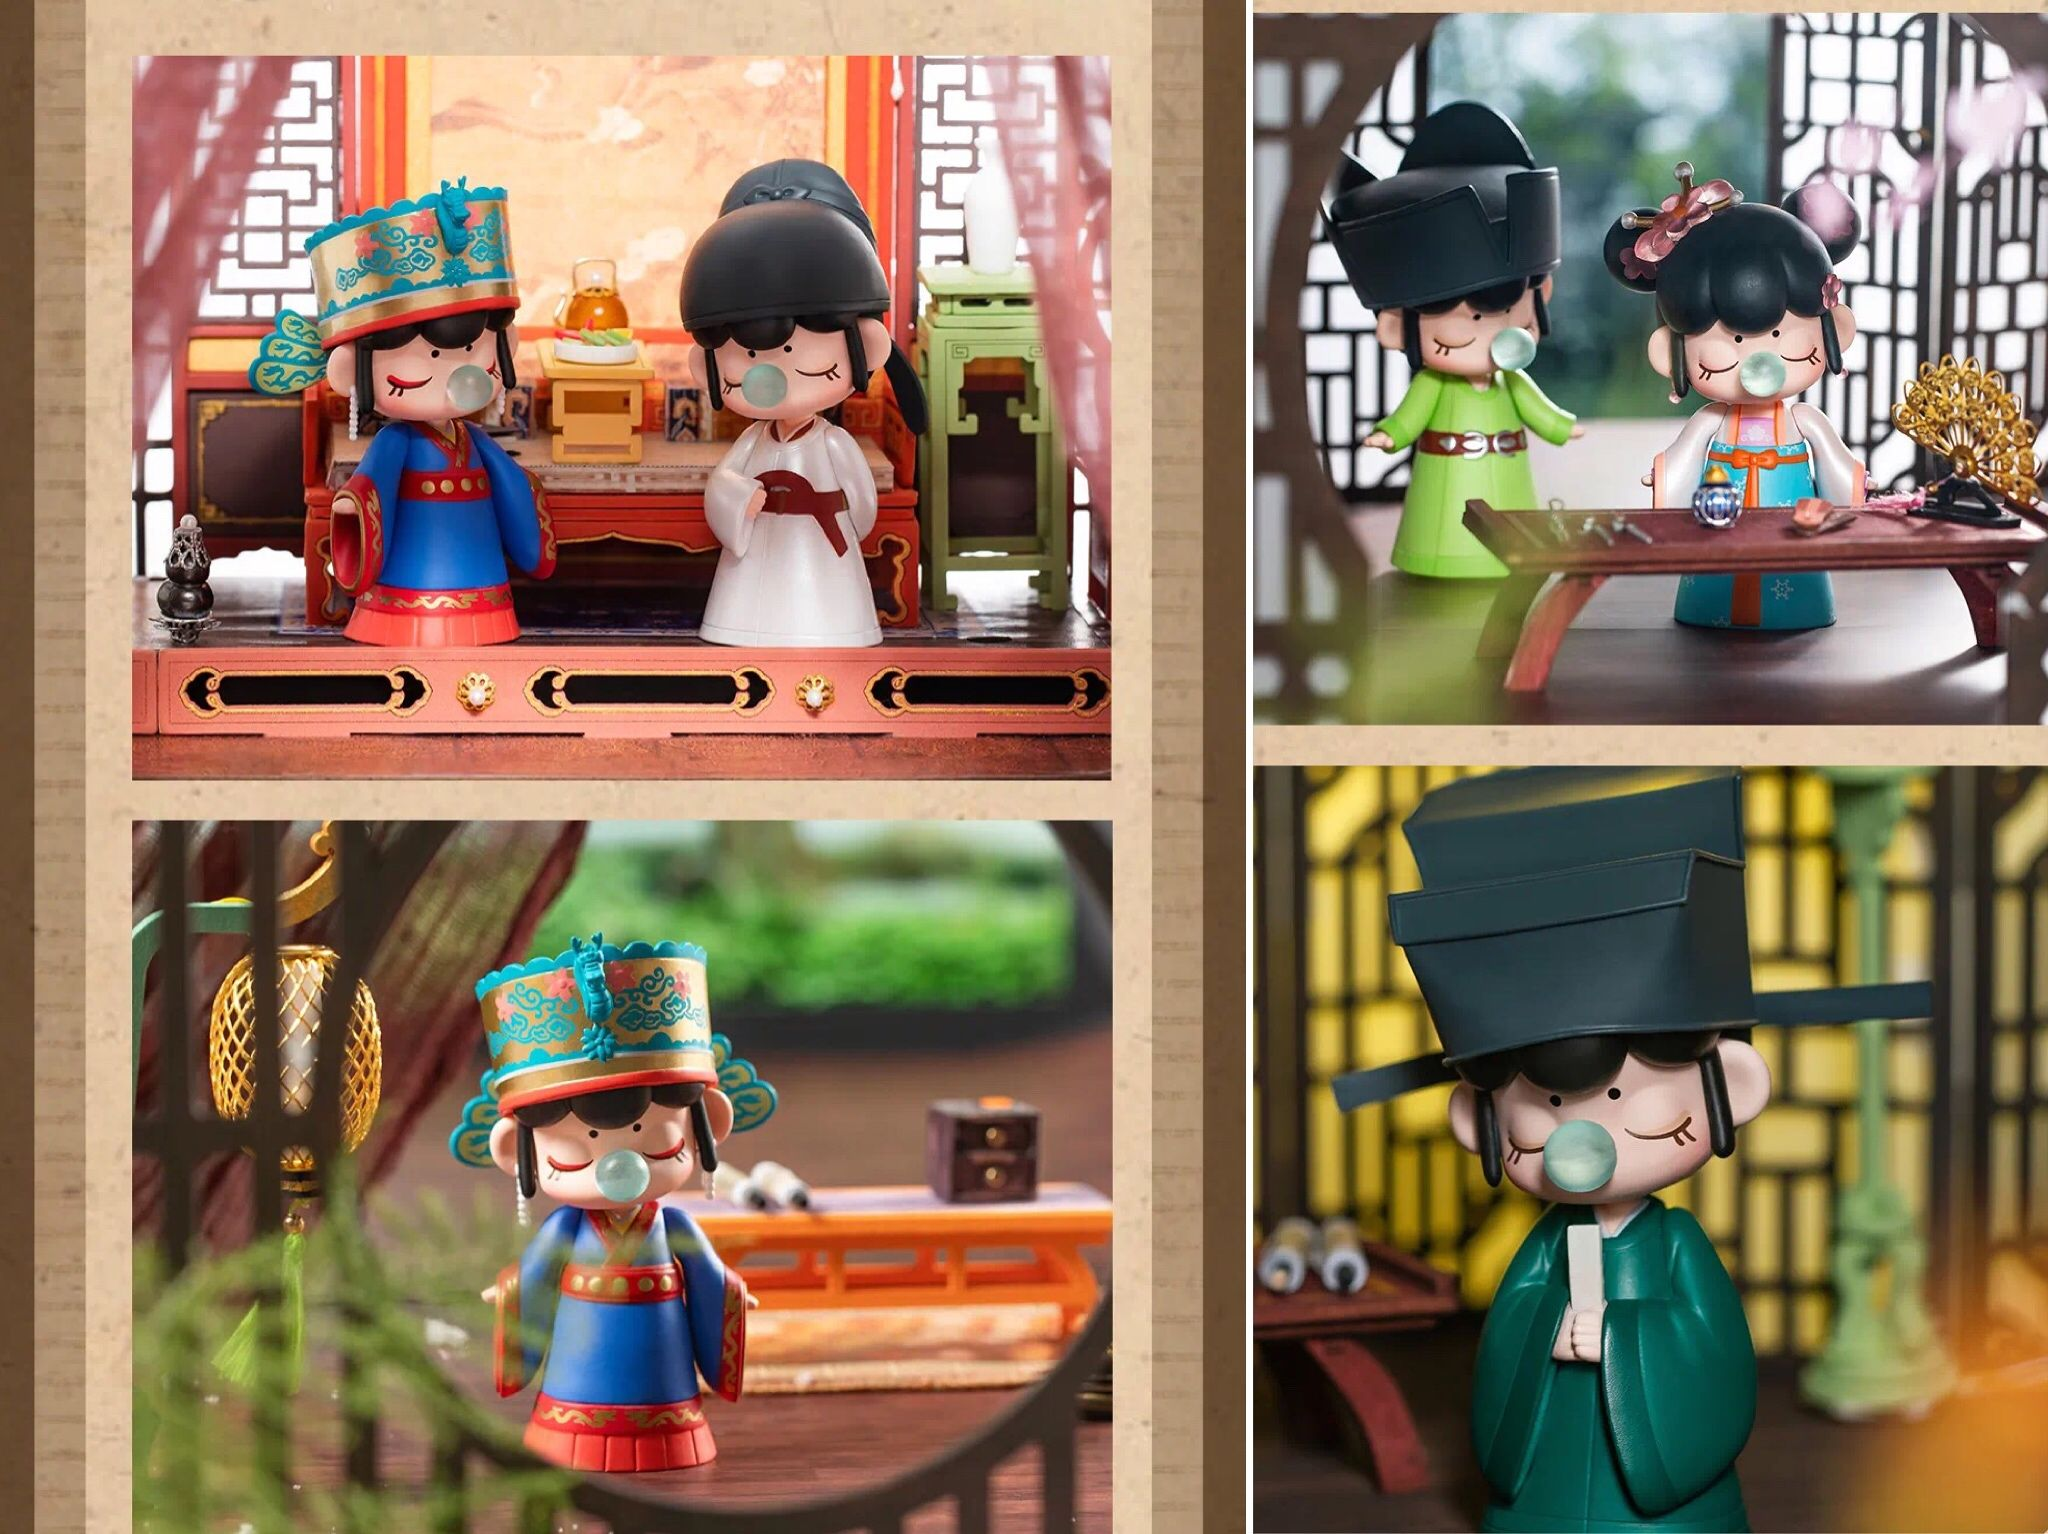 """上新│""""小黄人""""系列亮相乐高,《清平乐》进军盲盒界图片"""